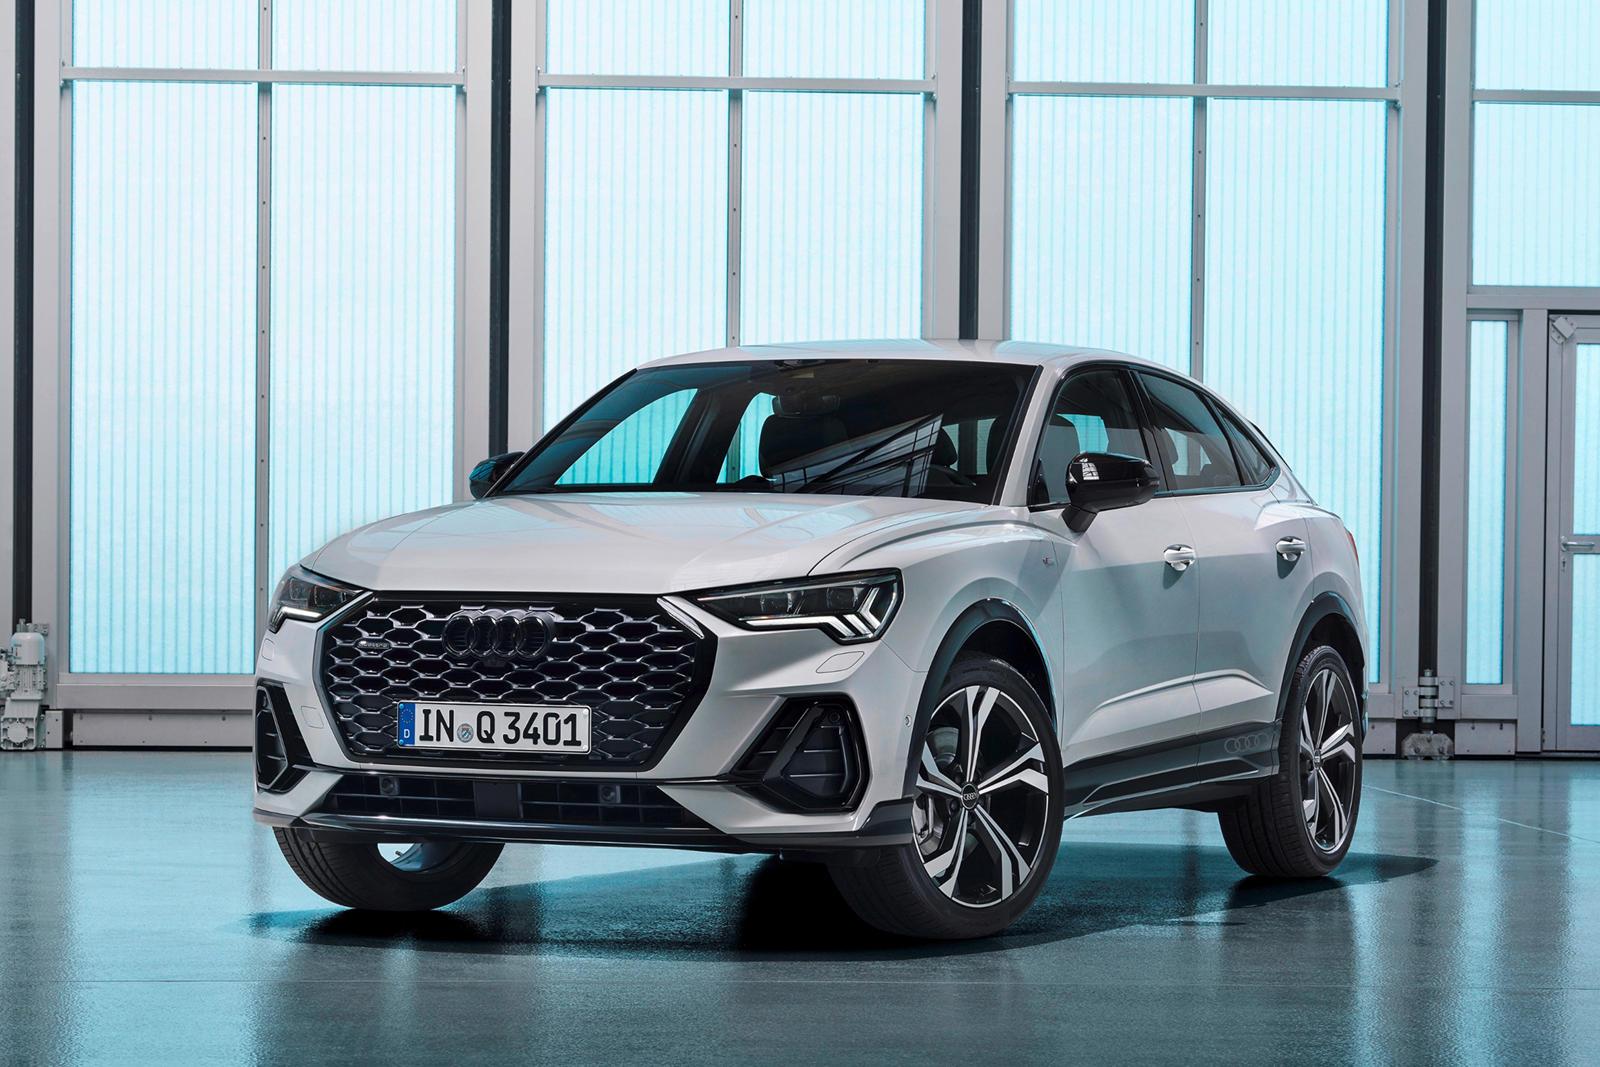 Kelebihan Kekurangan Audi Q3 2020 Tangguh